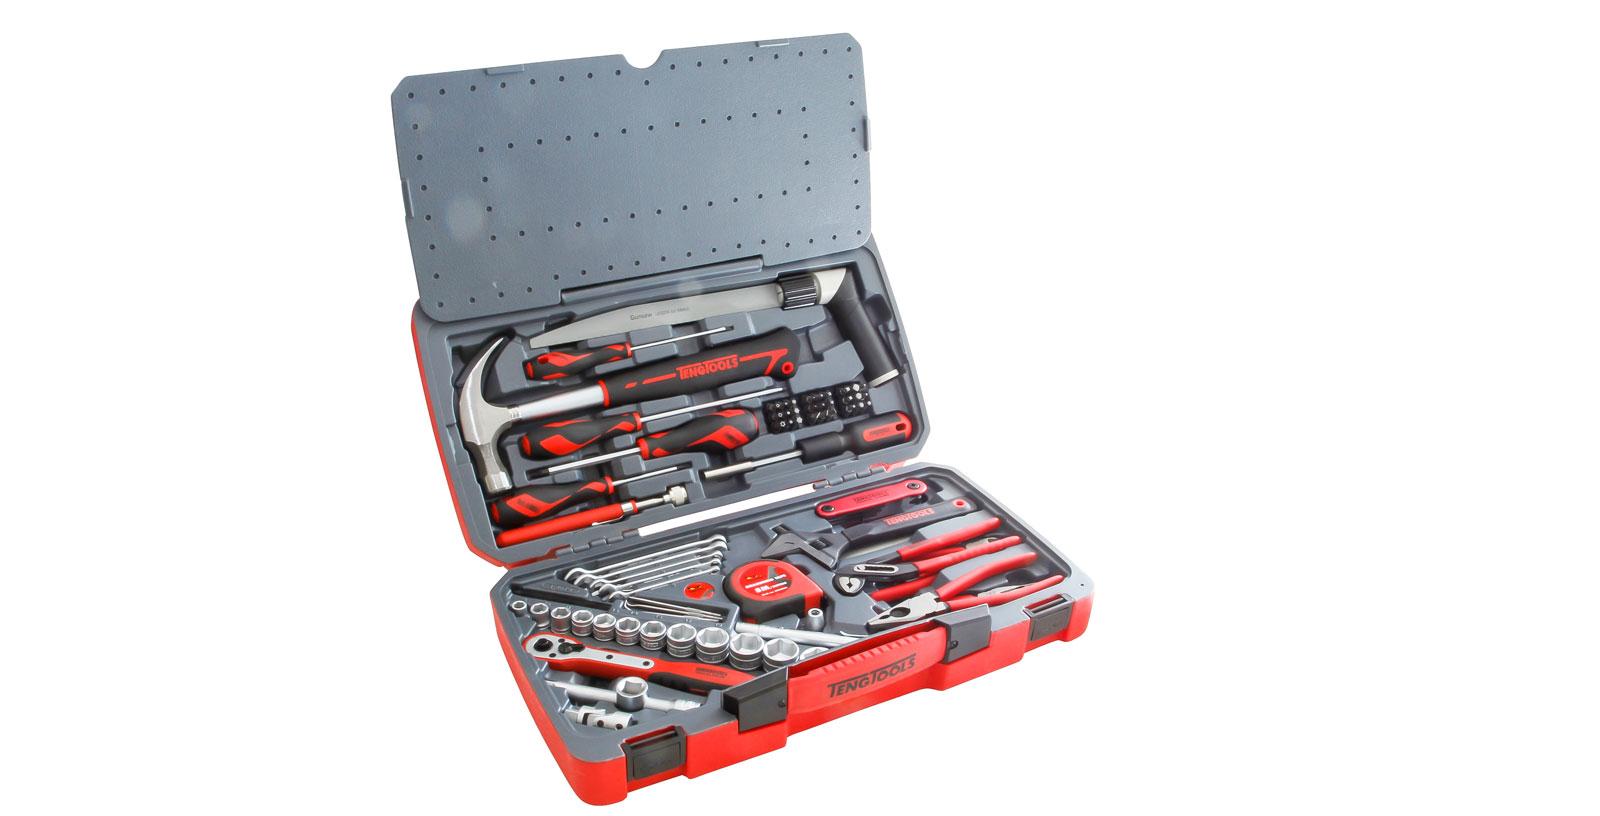 Smarta set av verktygslådor